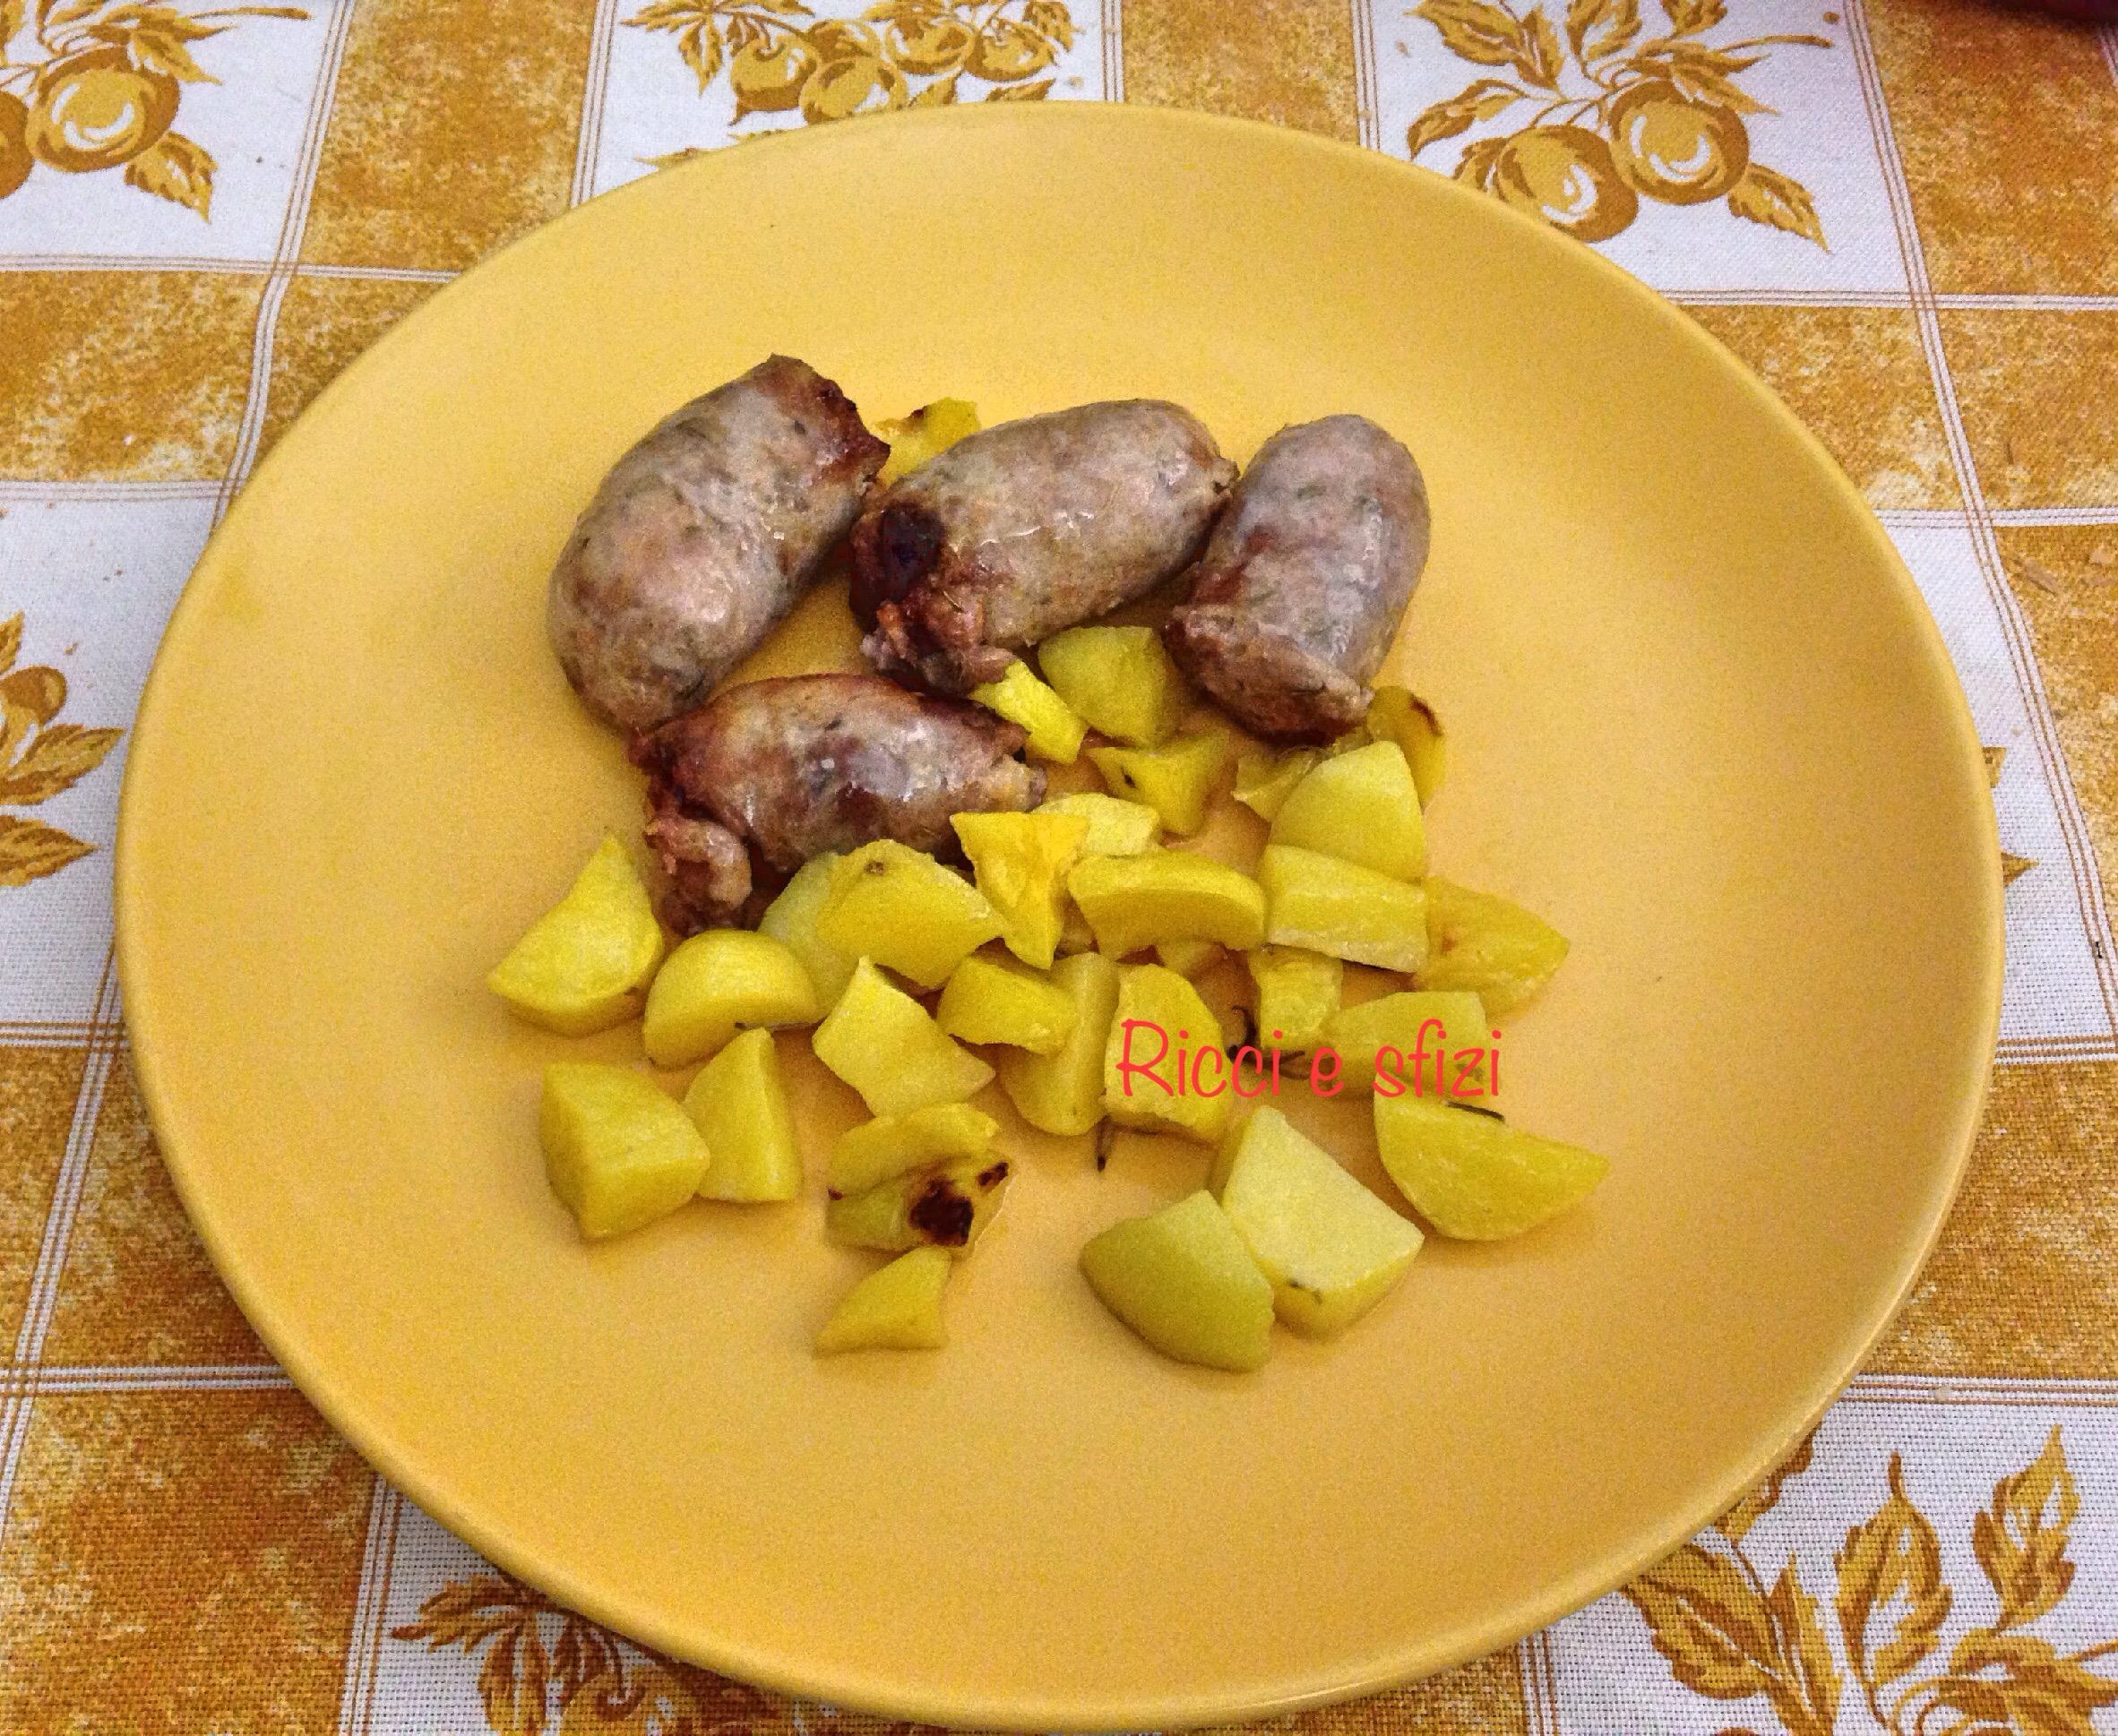 Ricerca ricette con come cucinare con il microonde - Come cucinare salsiccia ...